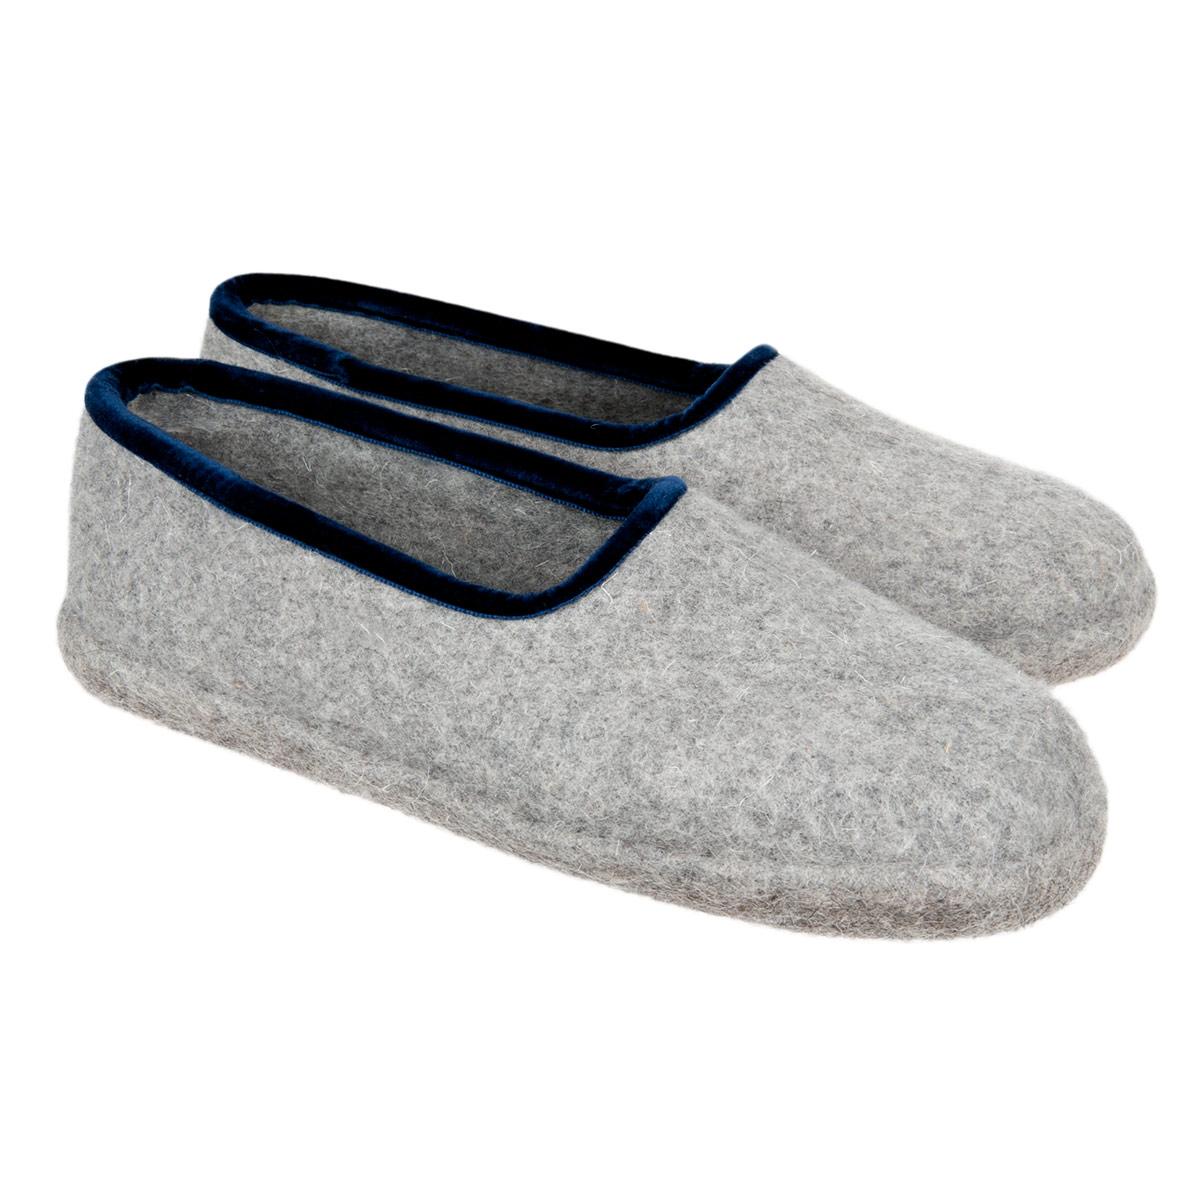 pantofole in lana di ottima qualità 30b50f4af6b